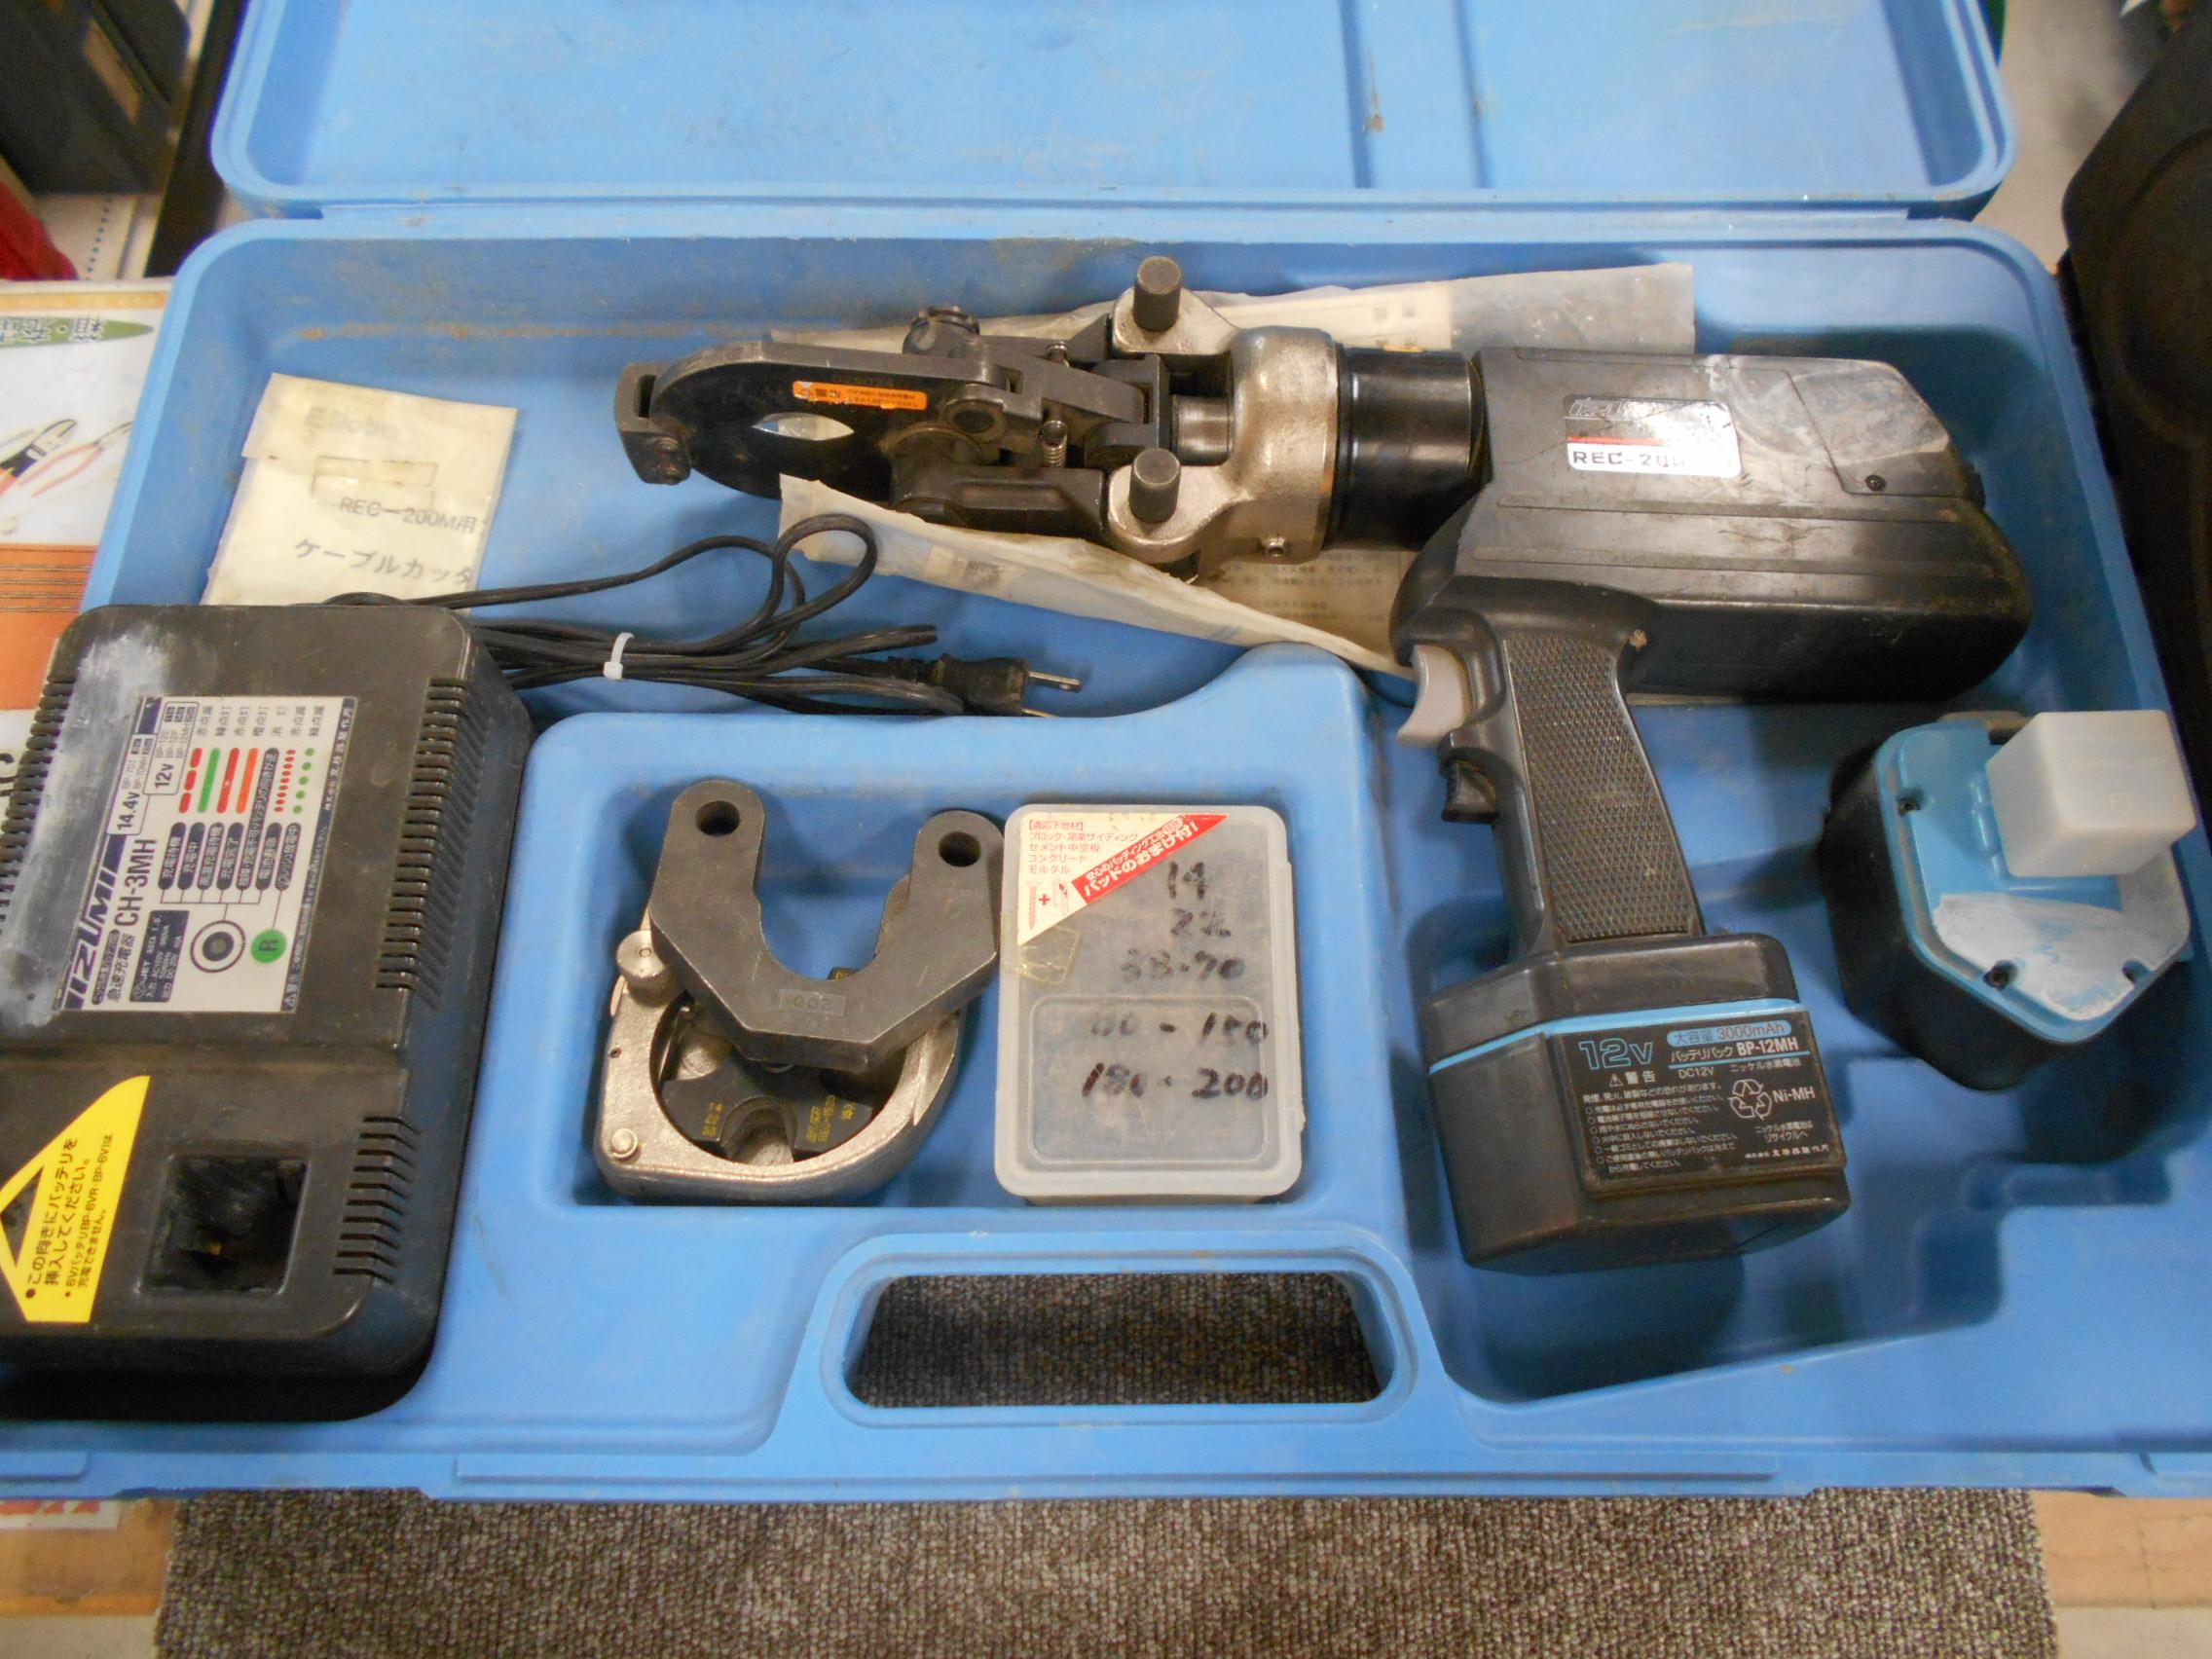 泉 充電式多機能工具 REC-200M2H